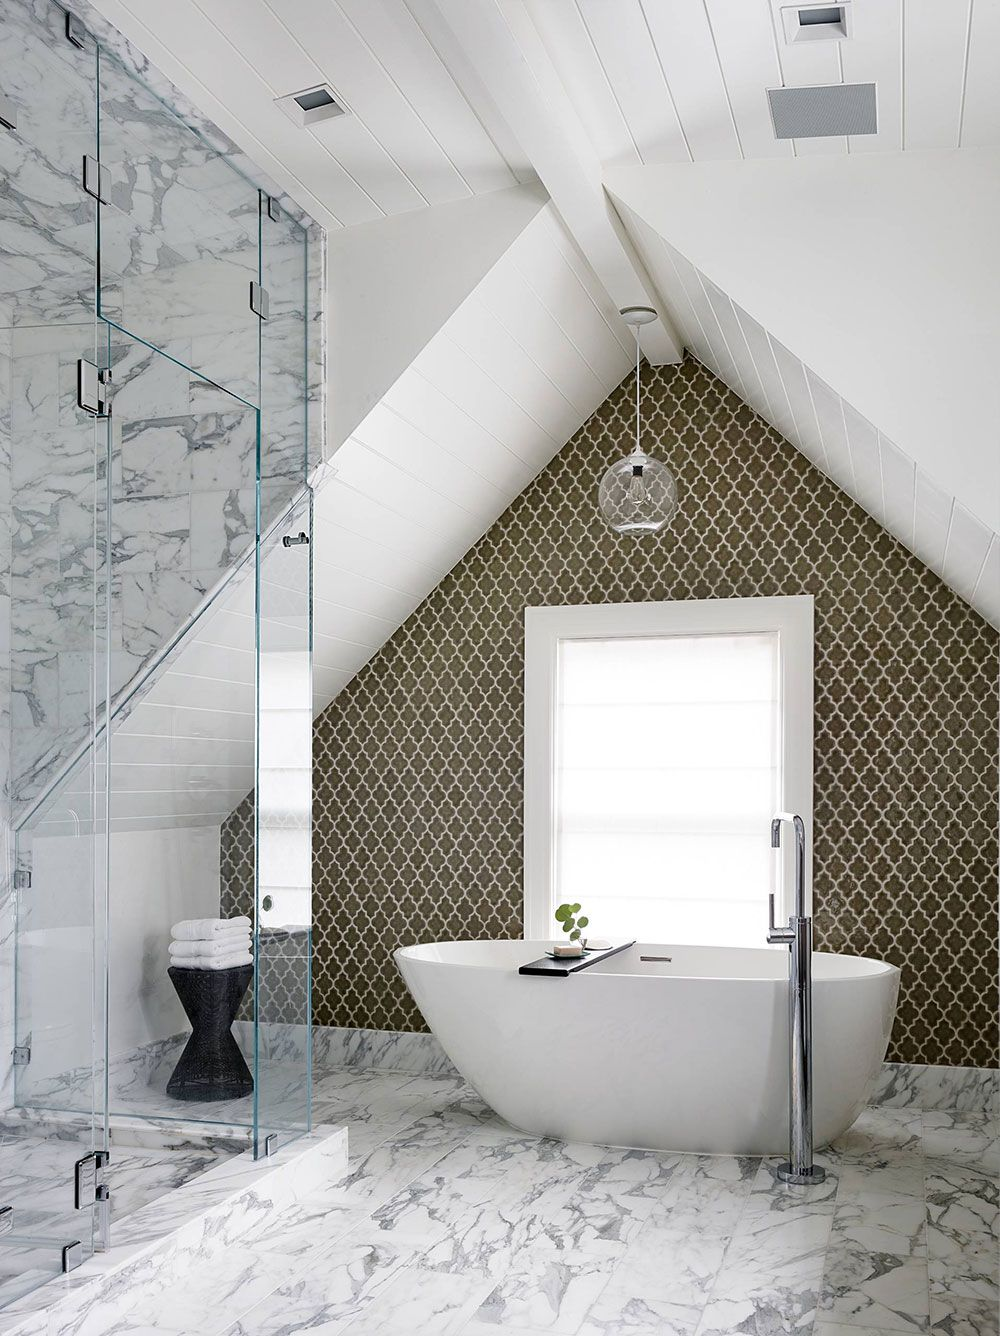 Attic Master Bedroom breathtaking attic master bedroom ideas | attic master bedroom